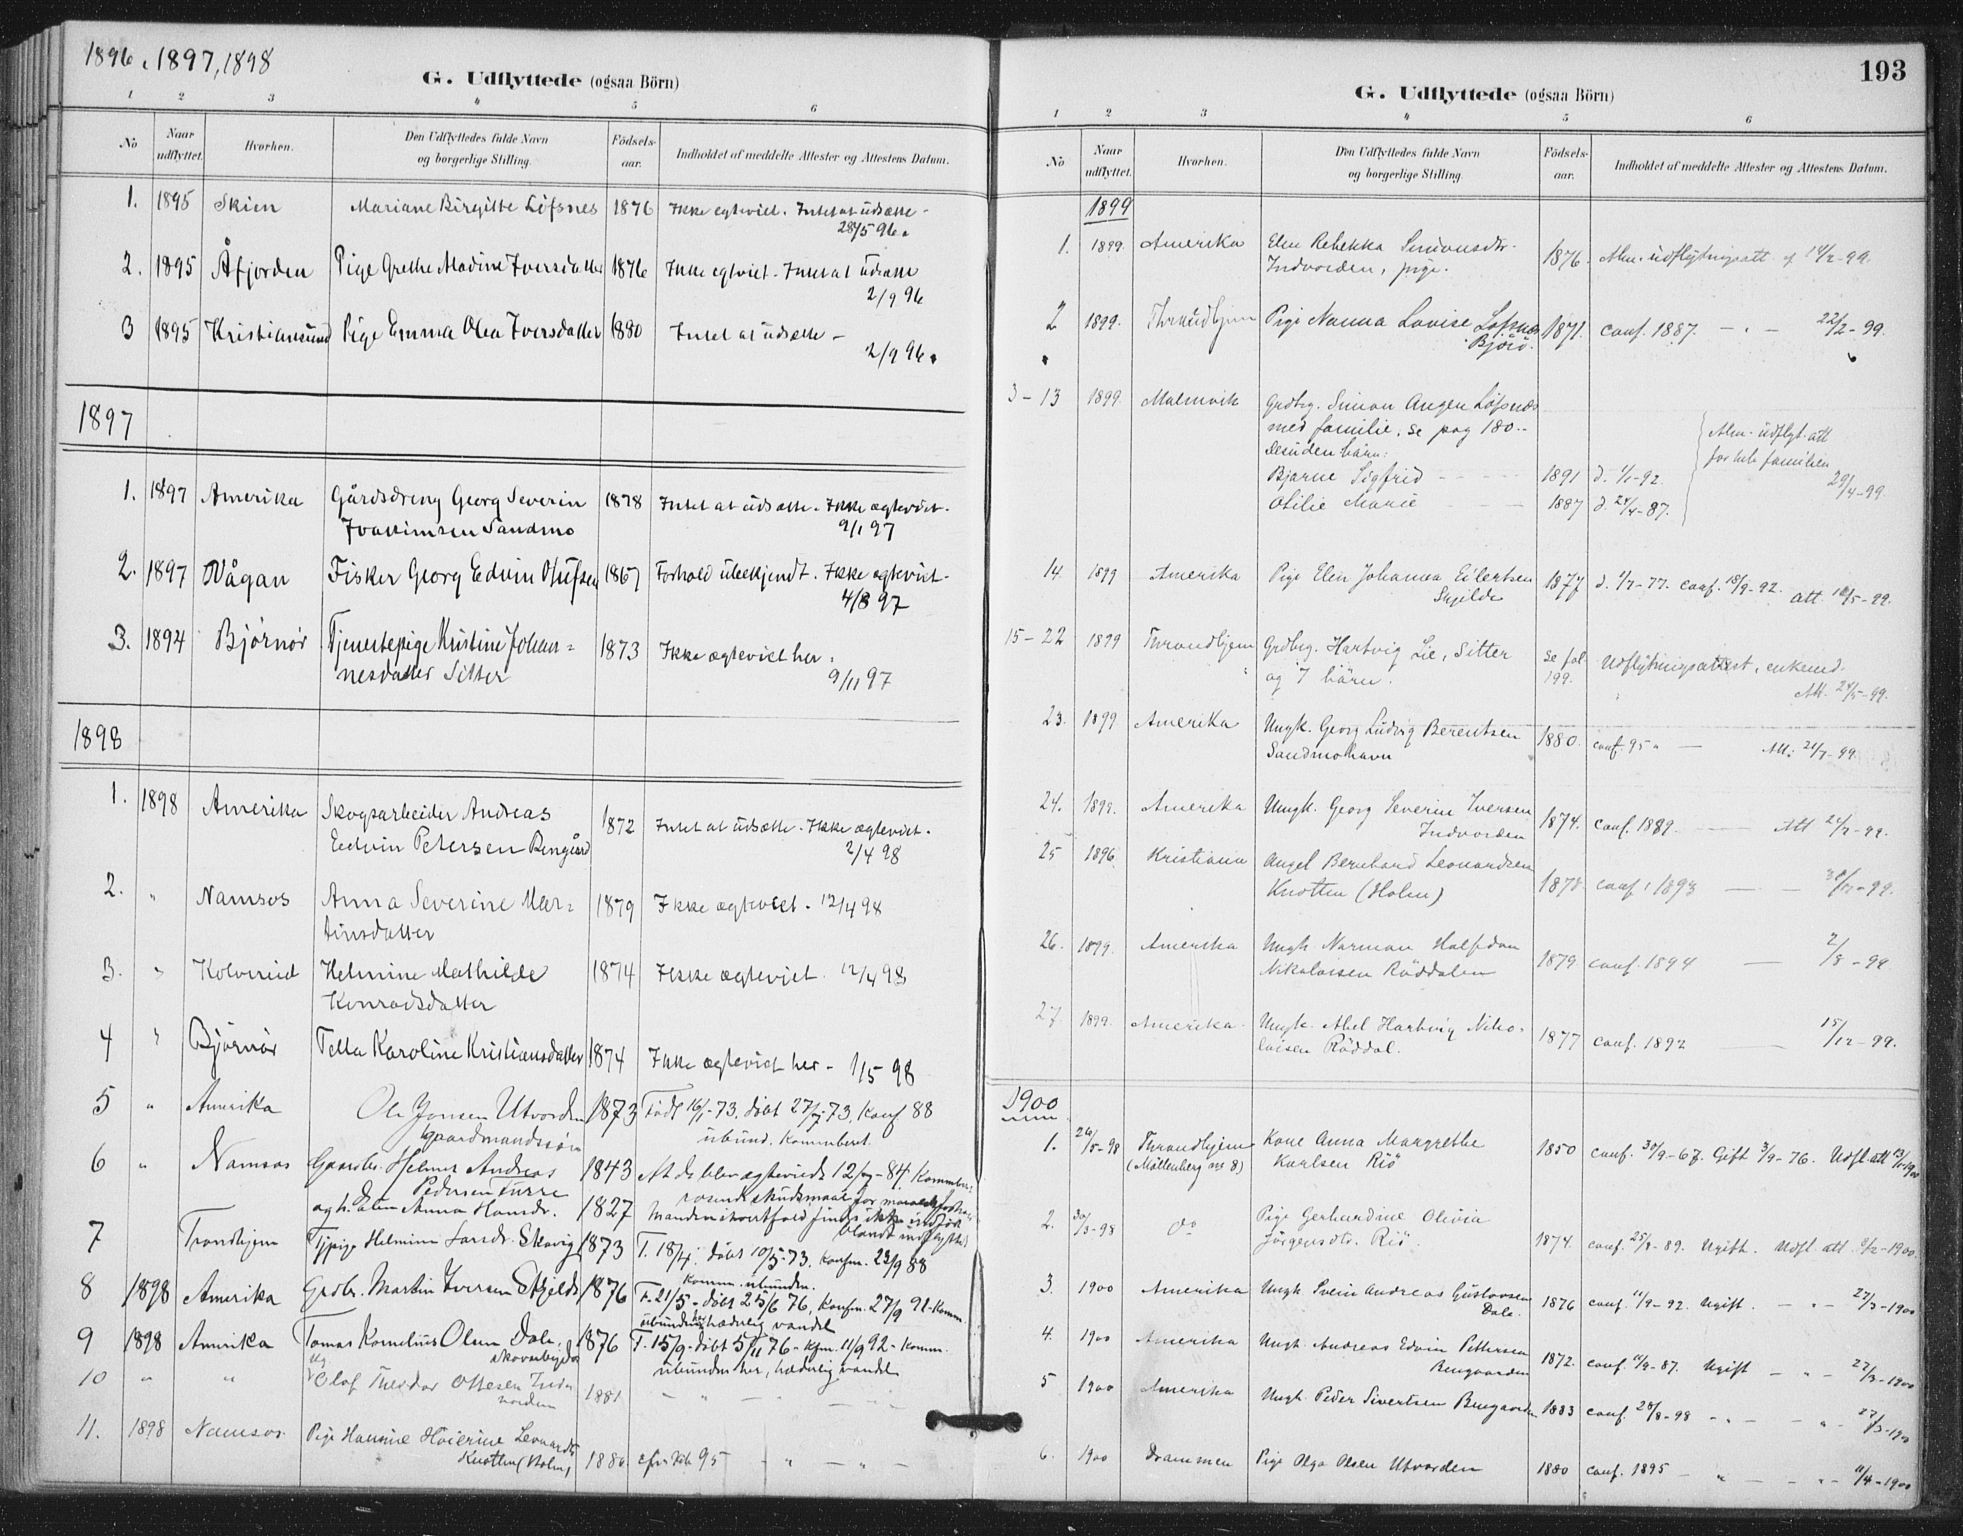 SAT, Ministerialprotokoller, klokkerbøker og fødselsregistre - Nord-Trøndelag, 772/L0603: Ministerialbok nr. 772A01, 1885-1912, s. 193